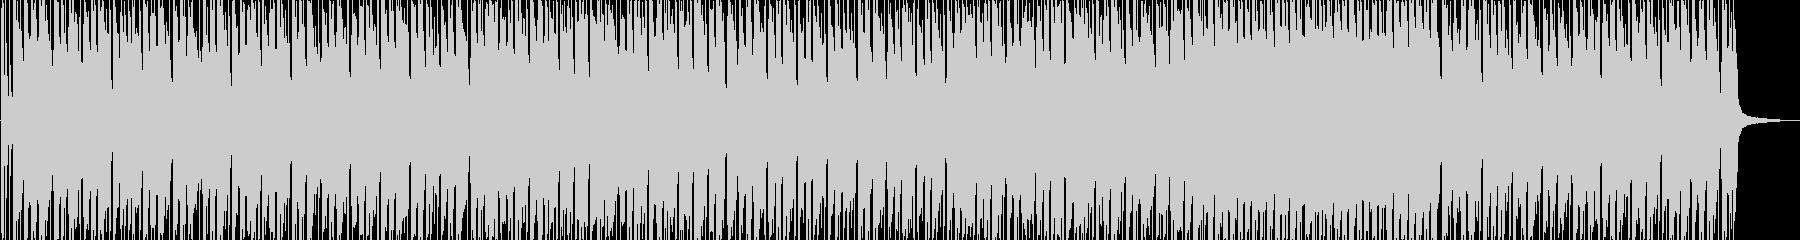 ポジティブ、ポップロックの未再生の波形